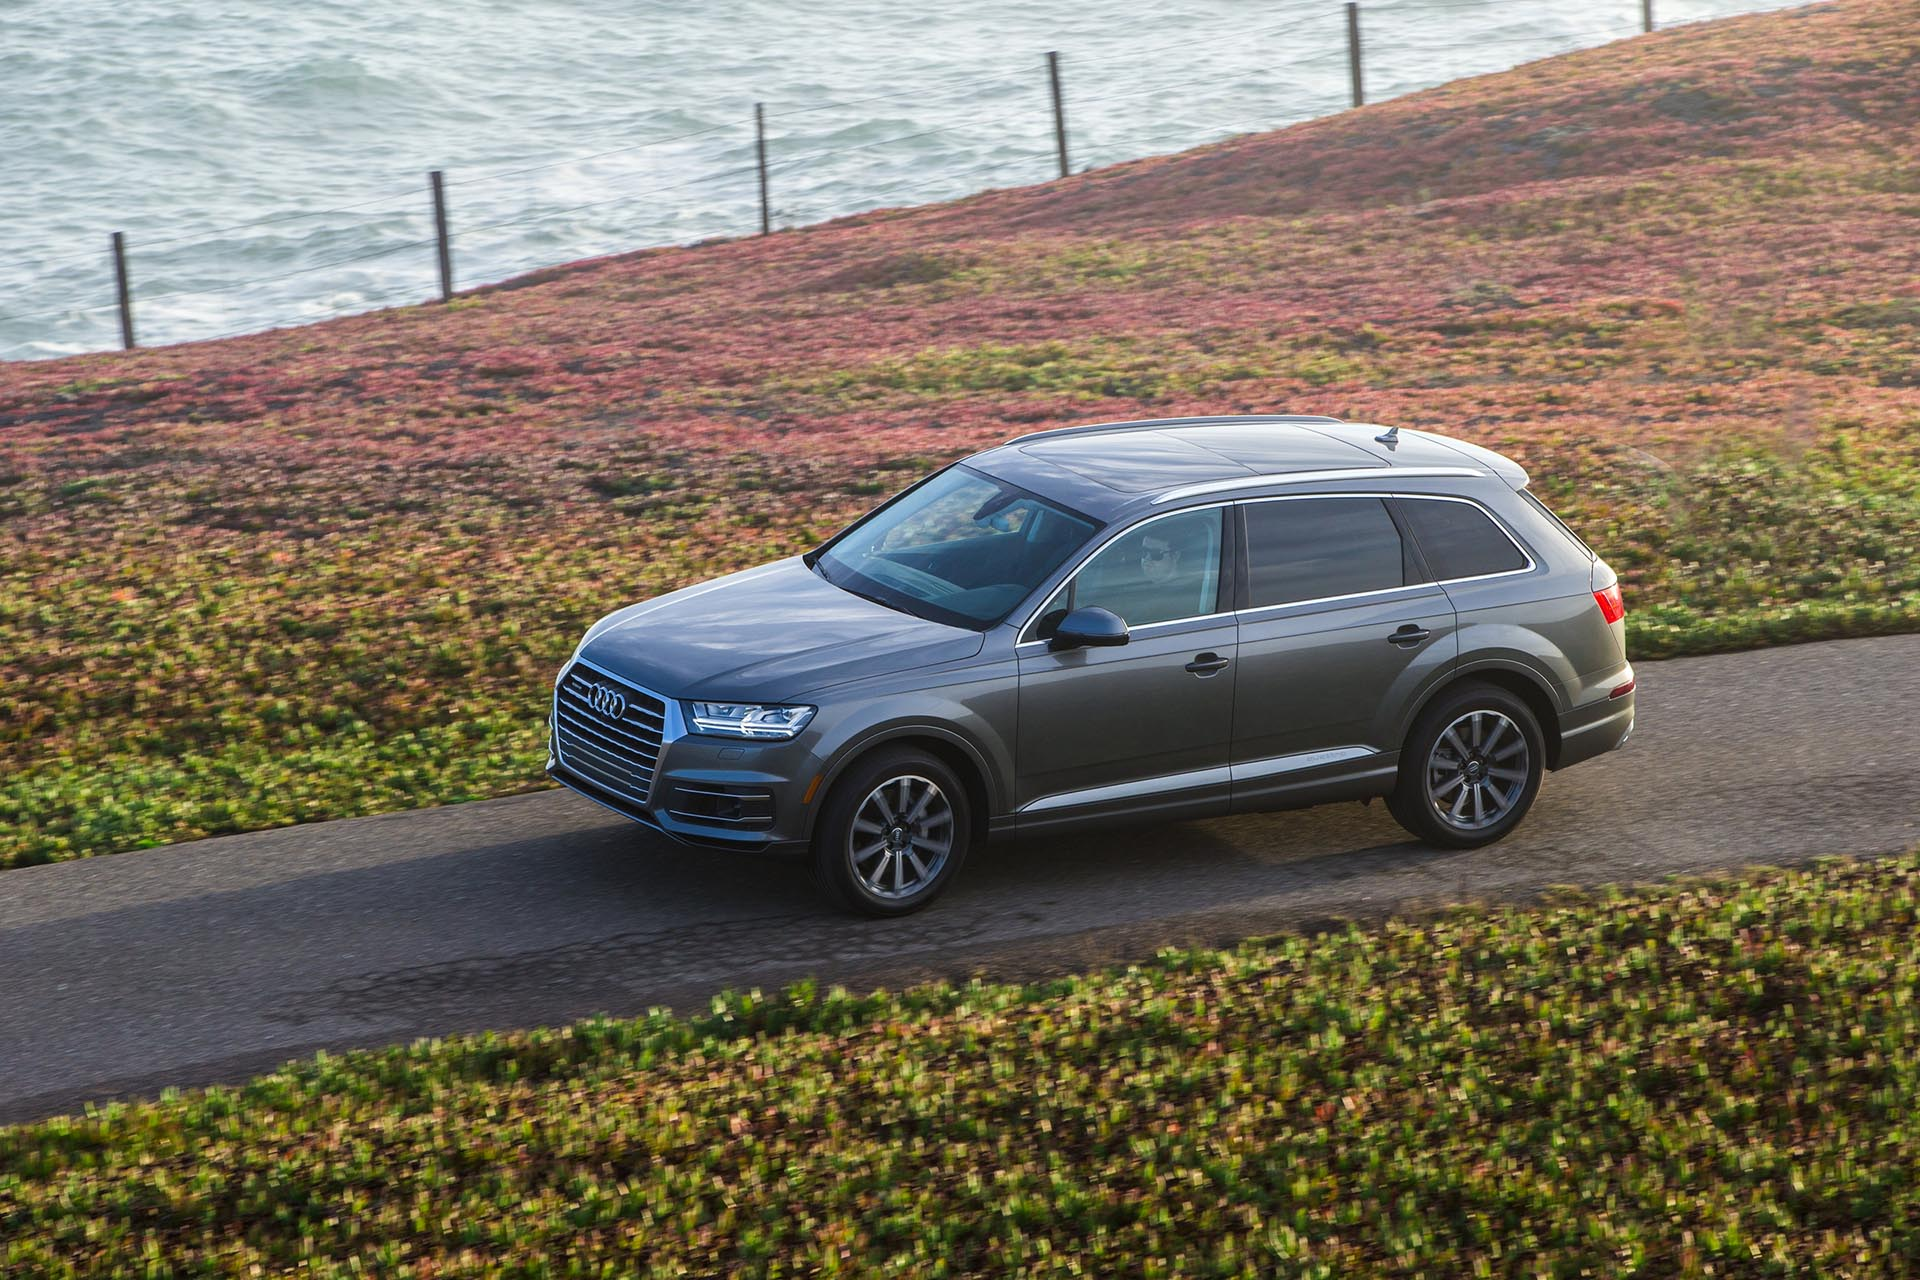 12_2017 Audi Q7 front profile